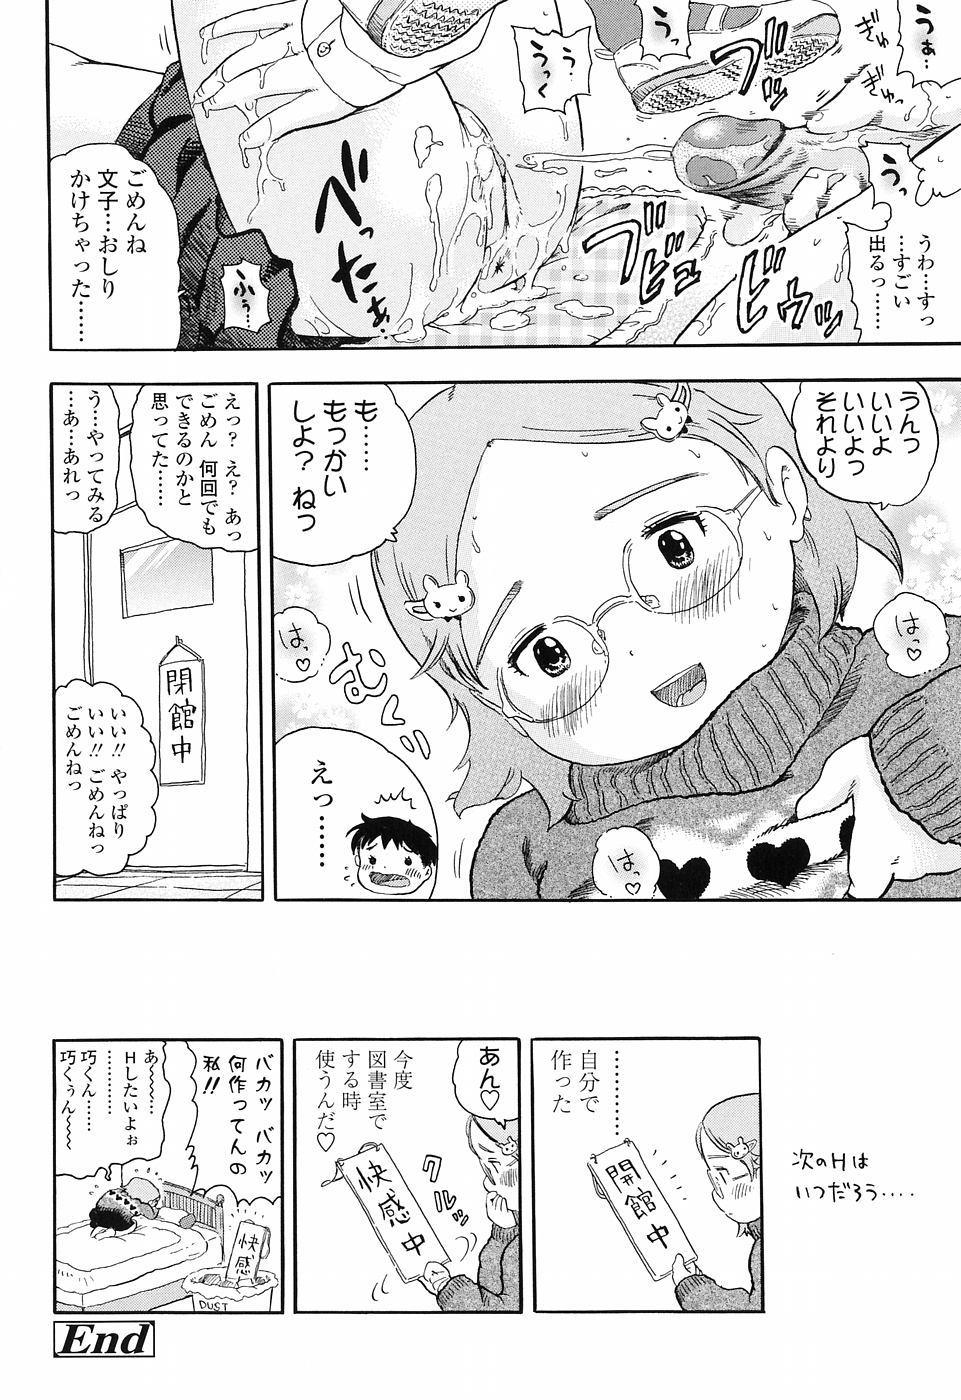 Koisuru Fukurami 141